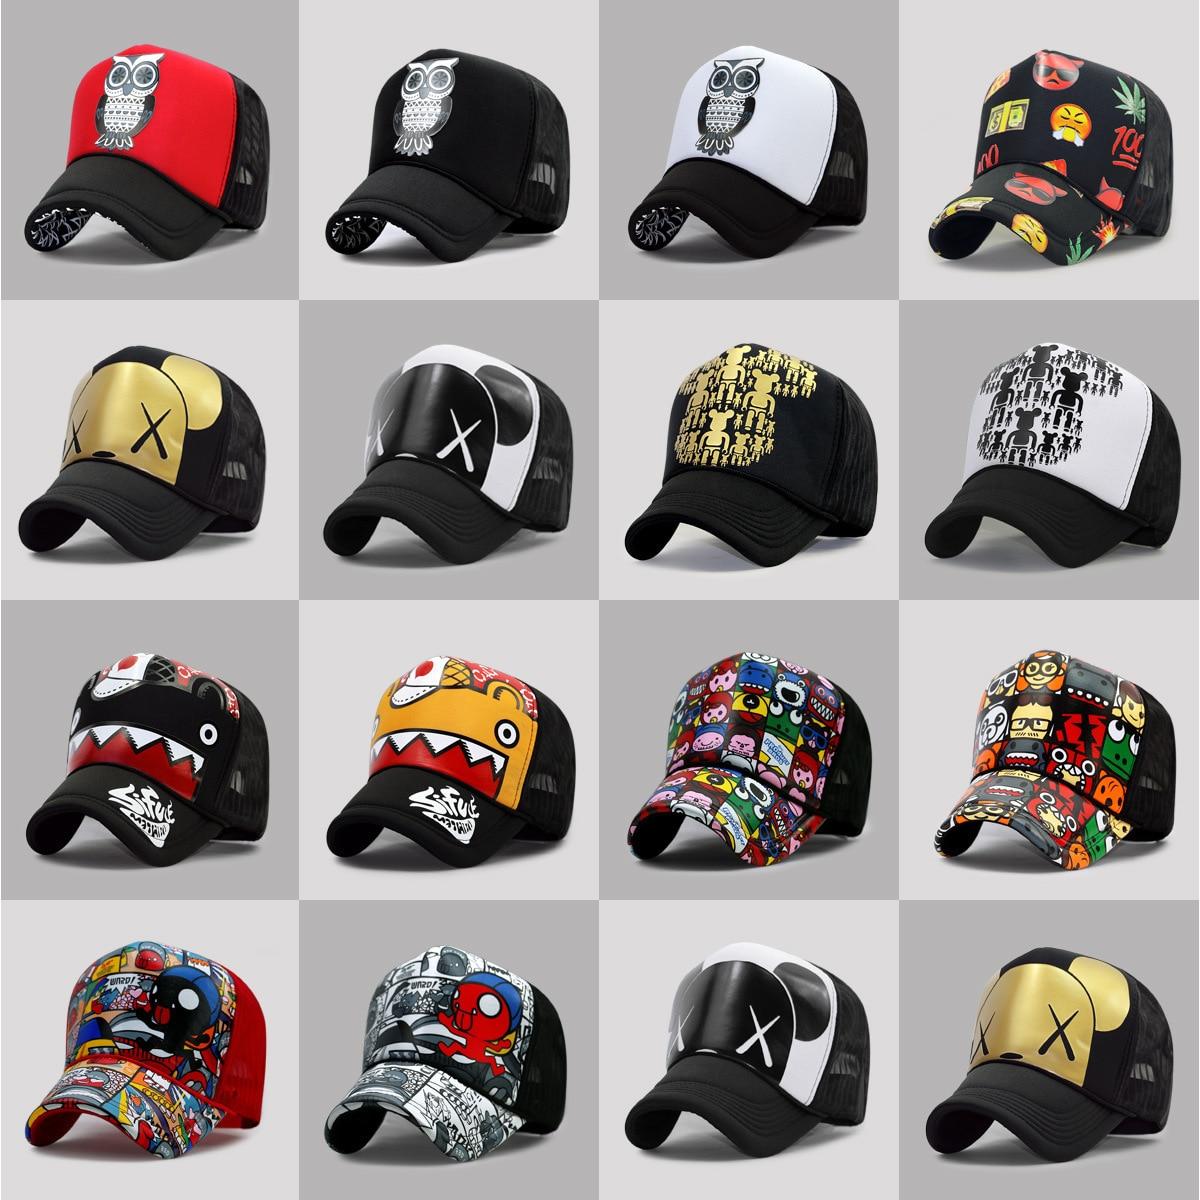 Оптовая продажа, летние мужские шляпы от солнца для взрослых, крутые хип-хоп панк-рок кепки для грузовиков, женские модные сетчатые бейсболки